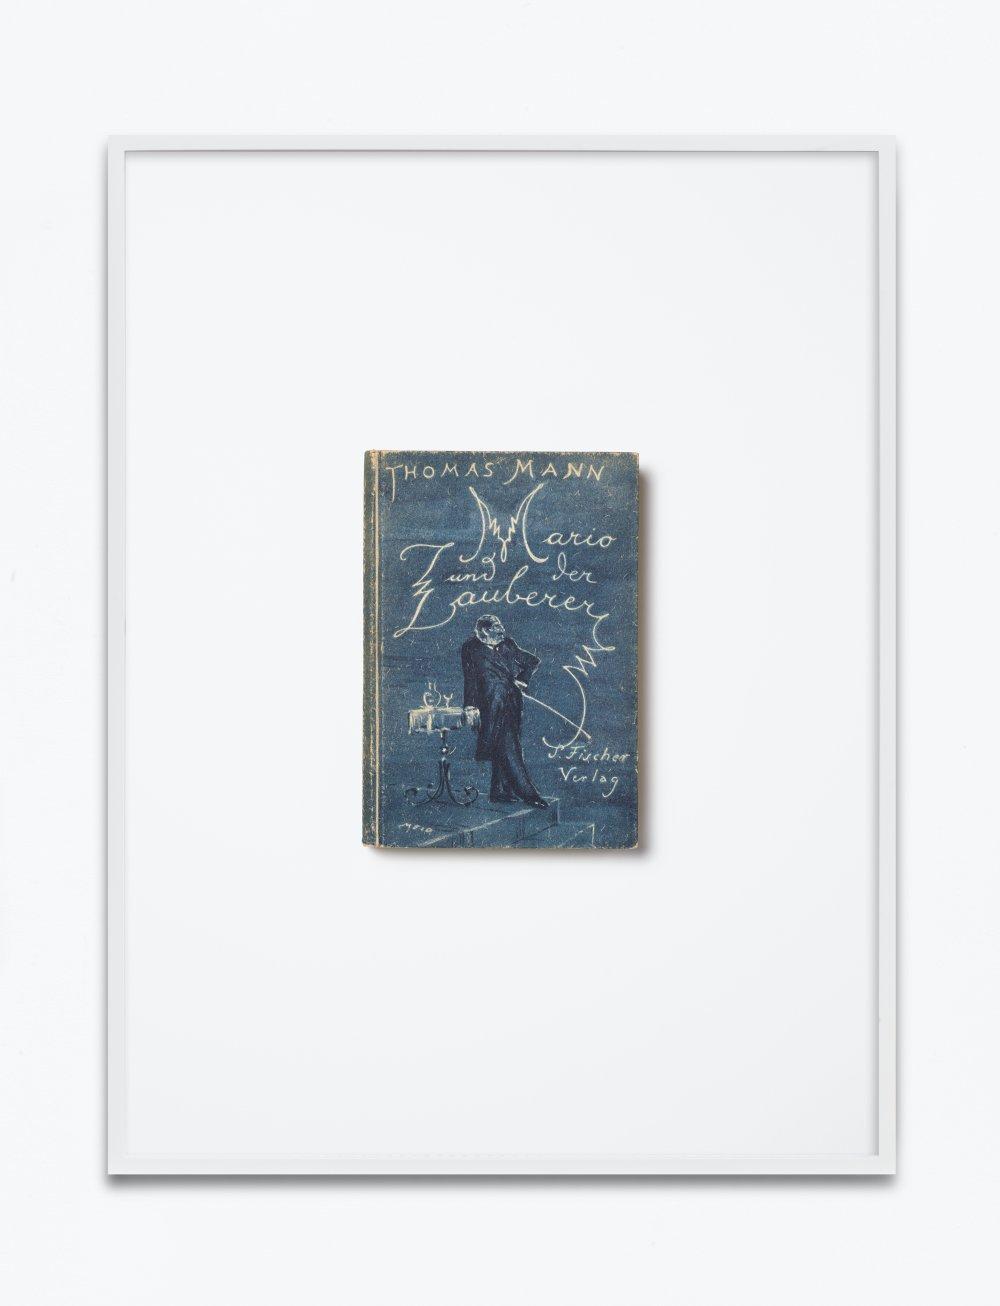 Thomas Mann, Mario der Zauberer. Ein tragisches Reiseerlebnis, 1930, S. Fischer Verlag, Berlin, Einband, Vorsatz und dreizehn Textbilder von Hans Meid